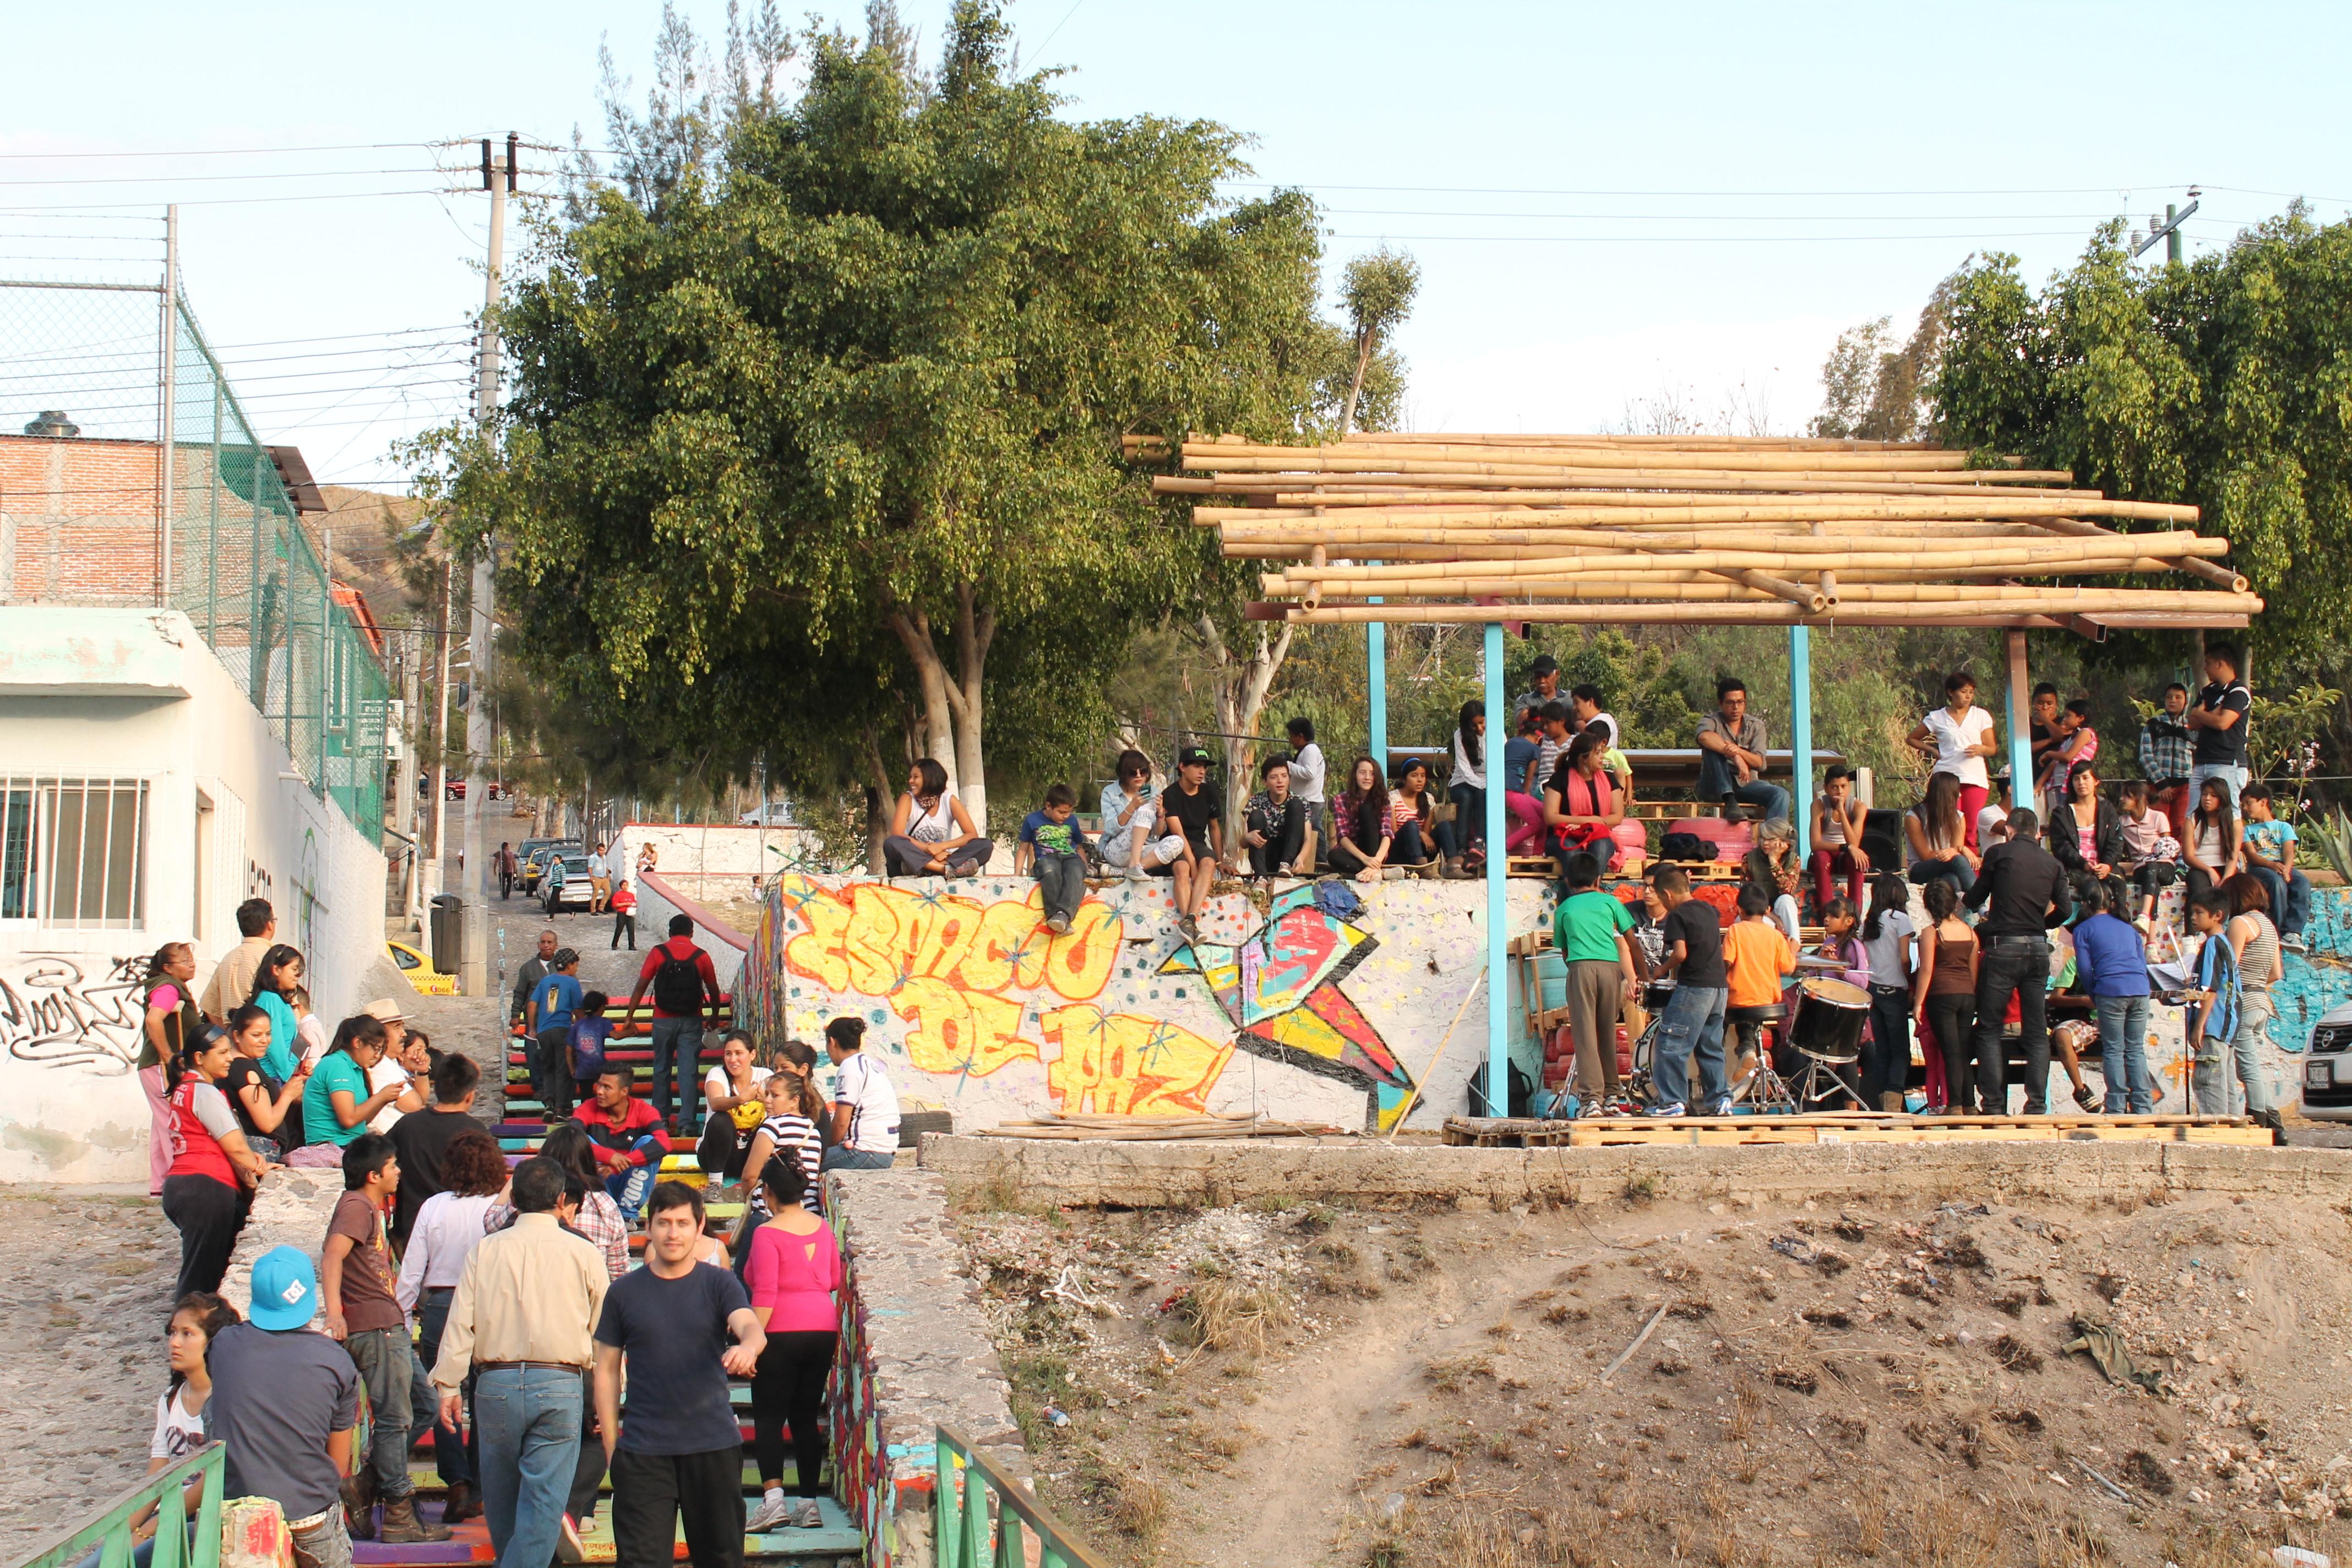 EspaciosdePazMX_Querétaro_México